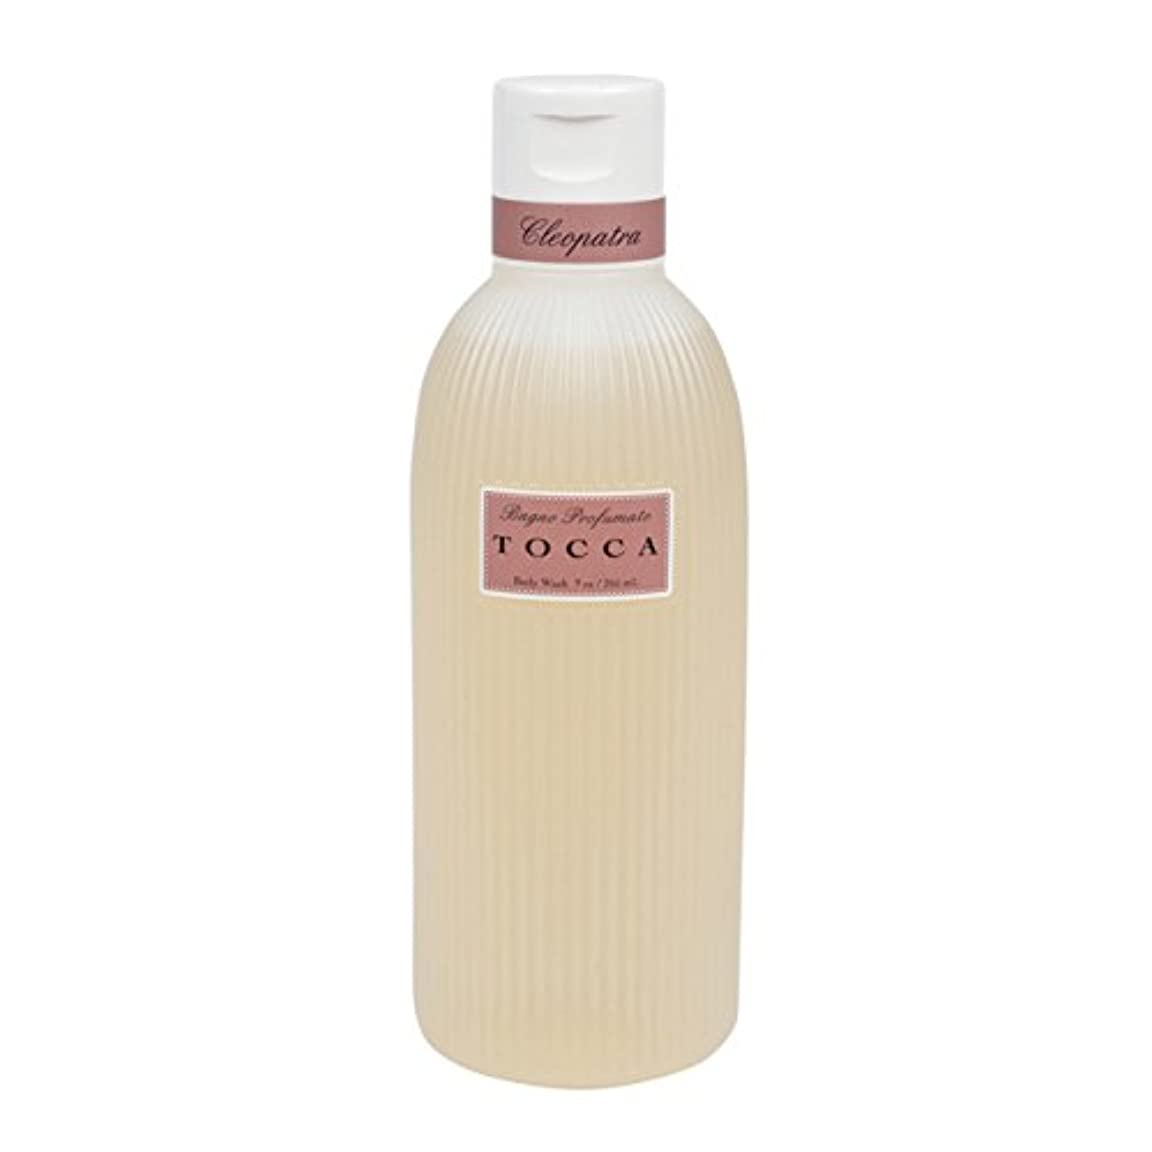 ミキサー説教するお別れトッカ(TOCCA) ボディーケアウォッシュ クレオパトラの香り 266ml(全身用洗浄料 ボディーソープ グレープフルーツとキューカンバーのフレッシュでクリーンな香り)